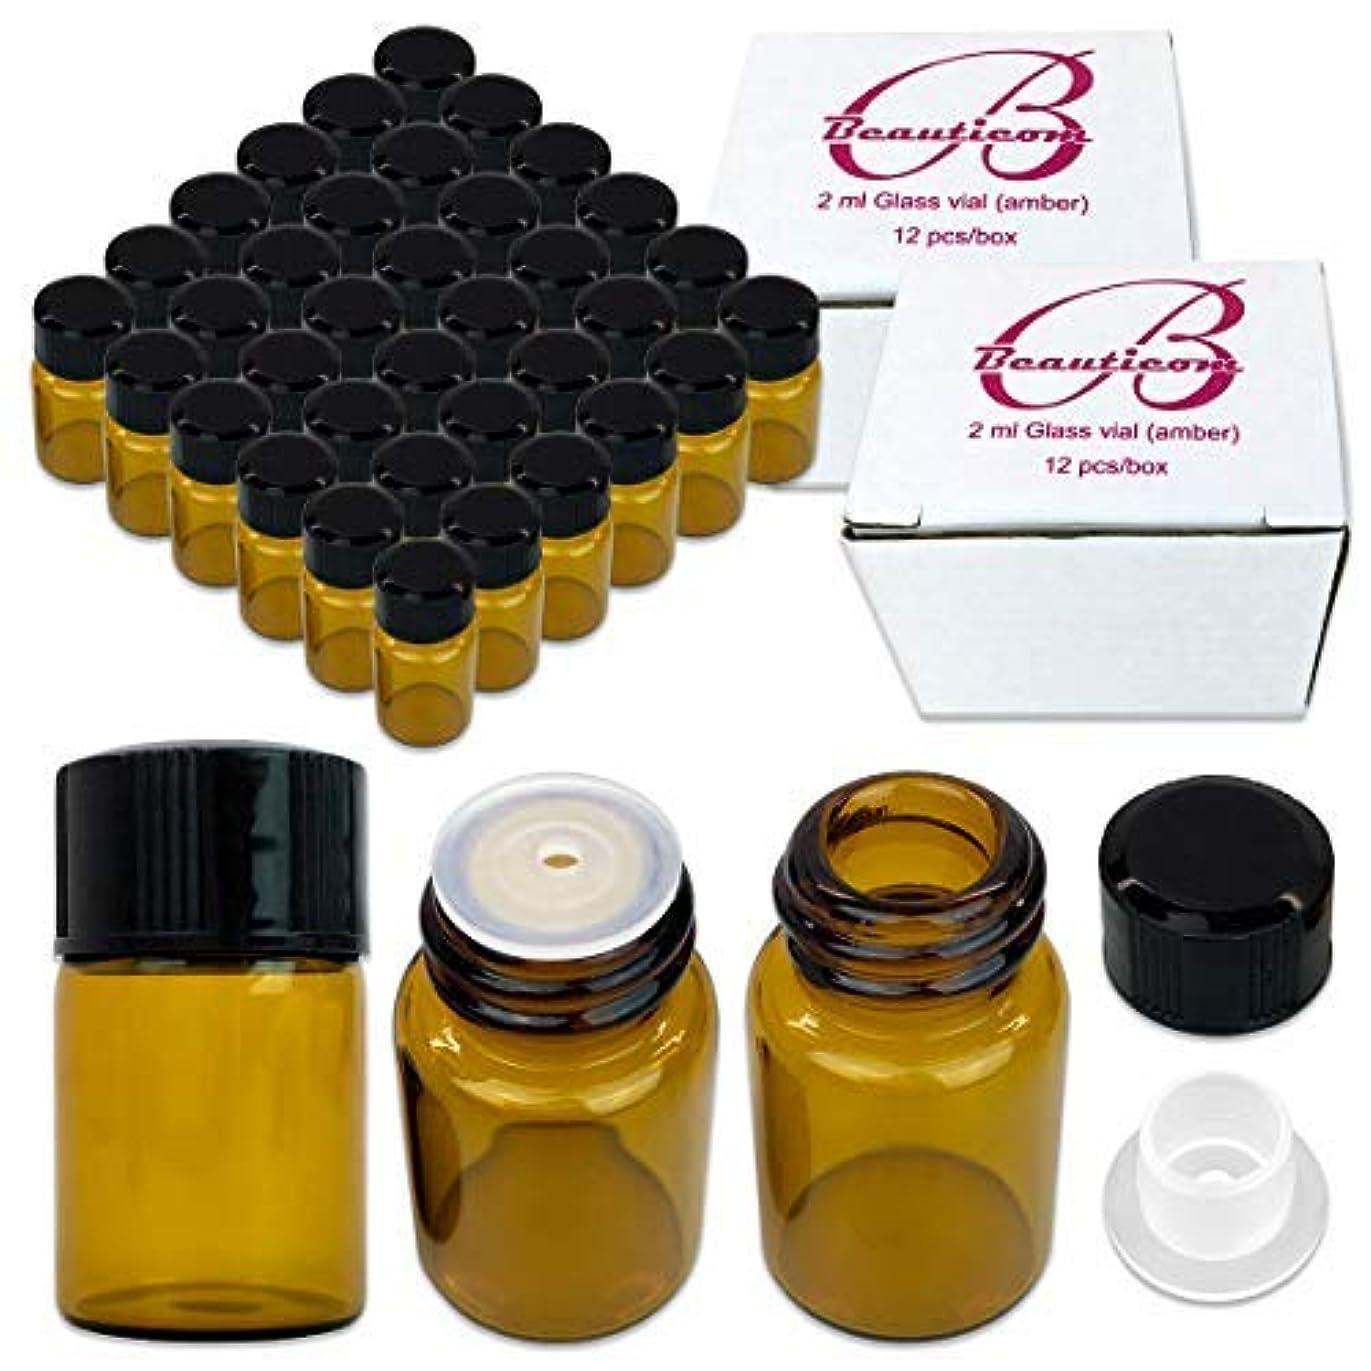 ミシン目グリース未満72 Packs Beauticom 2ML Amber Glass Vial for Essential Oils, Aromatherapy, Fragrance, Serums, Spritzes, with Orifice...